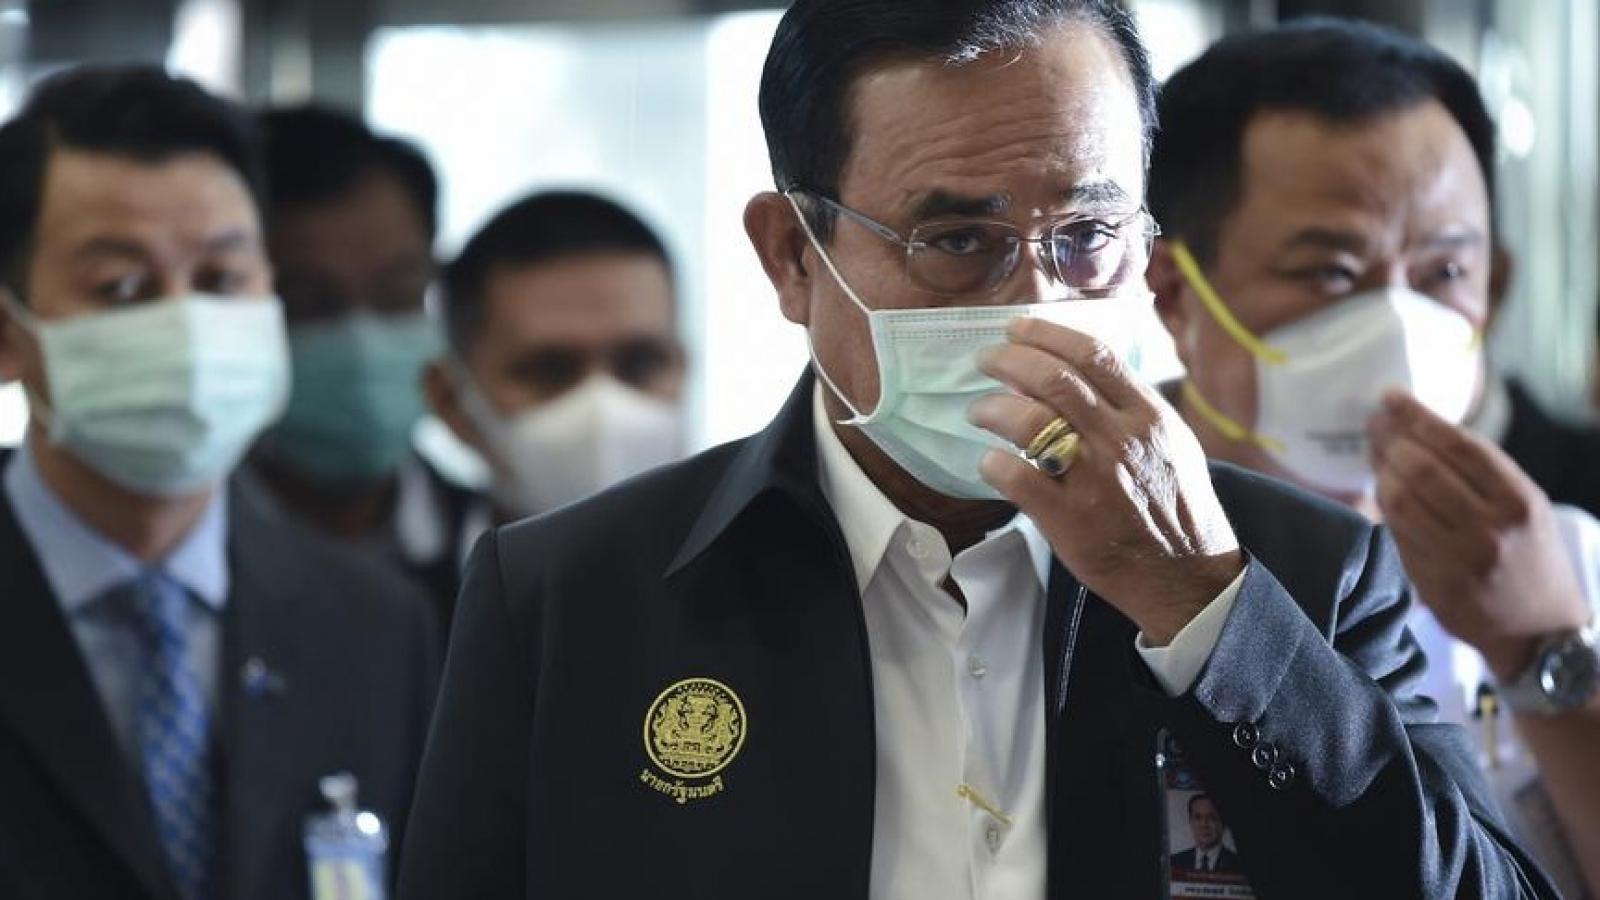 Thủ tướng Thái Lan từ chối dỡ bỏ lệnh tình trạng khẩn cấp